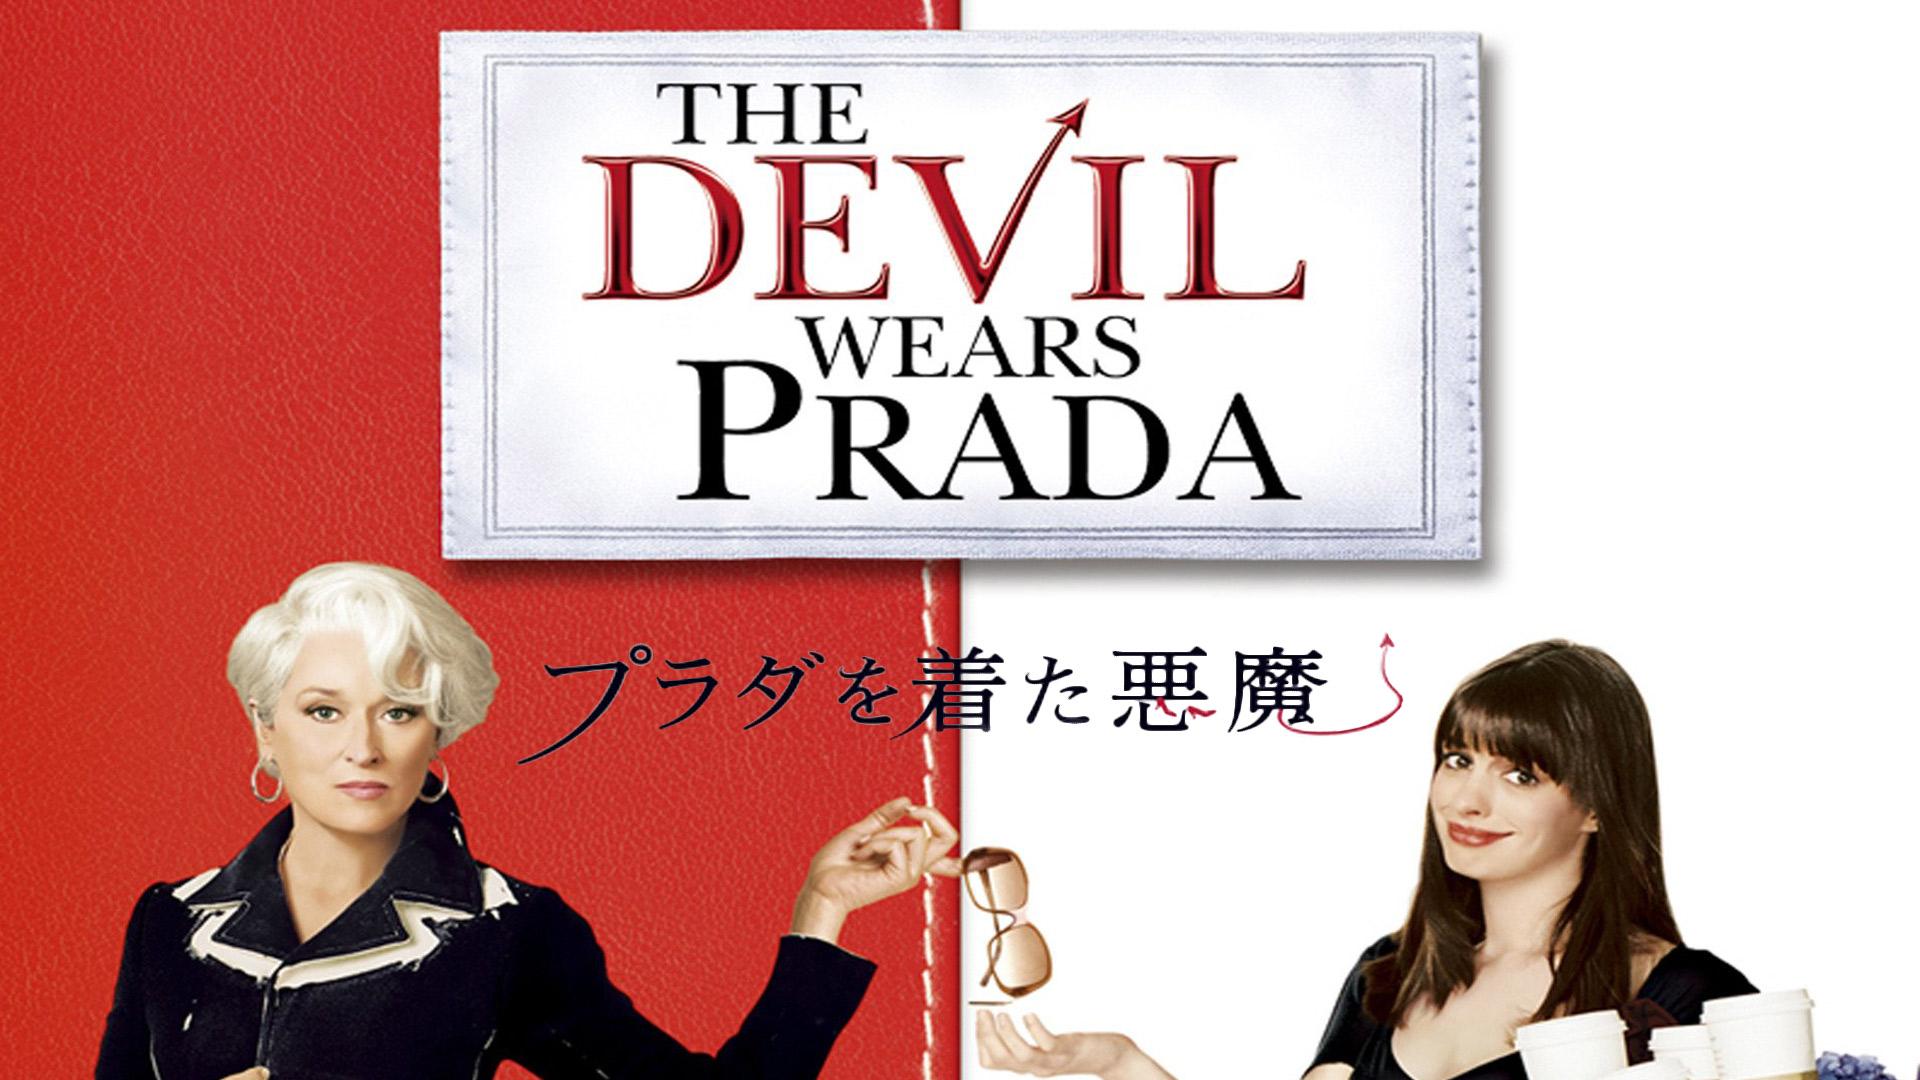 プラダを着た悪魔 (字幕版)